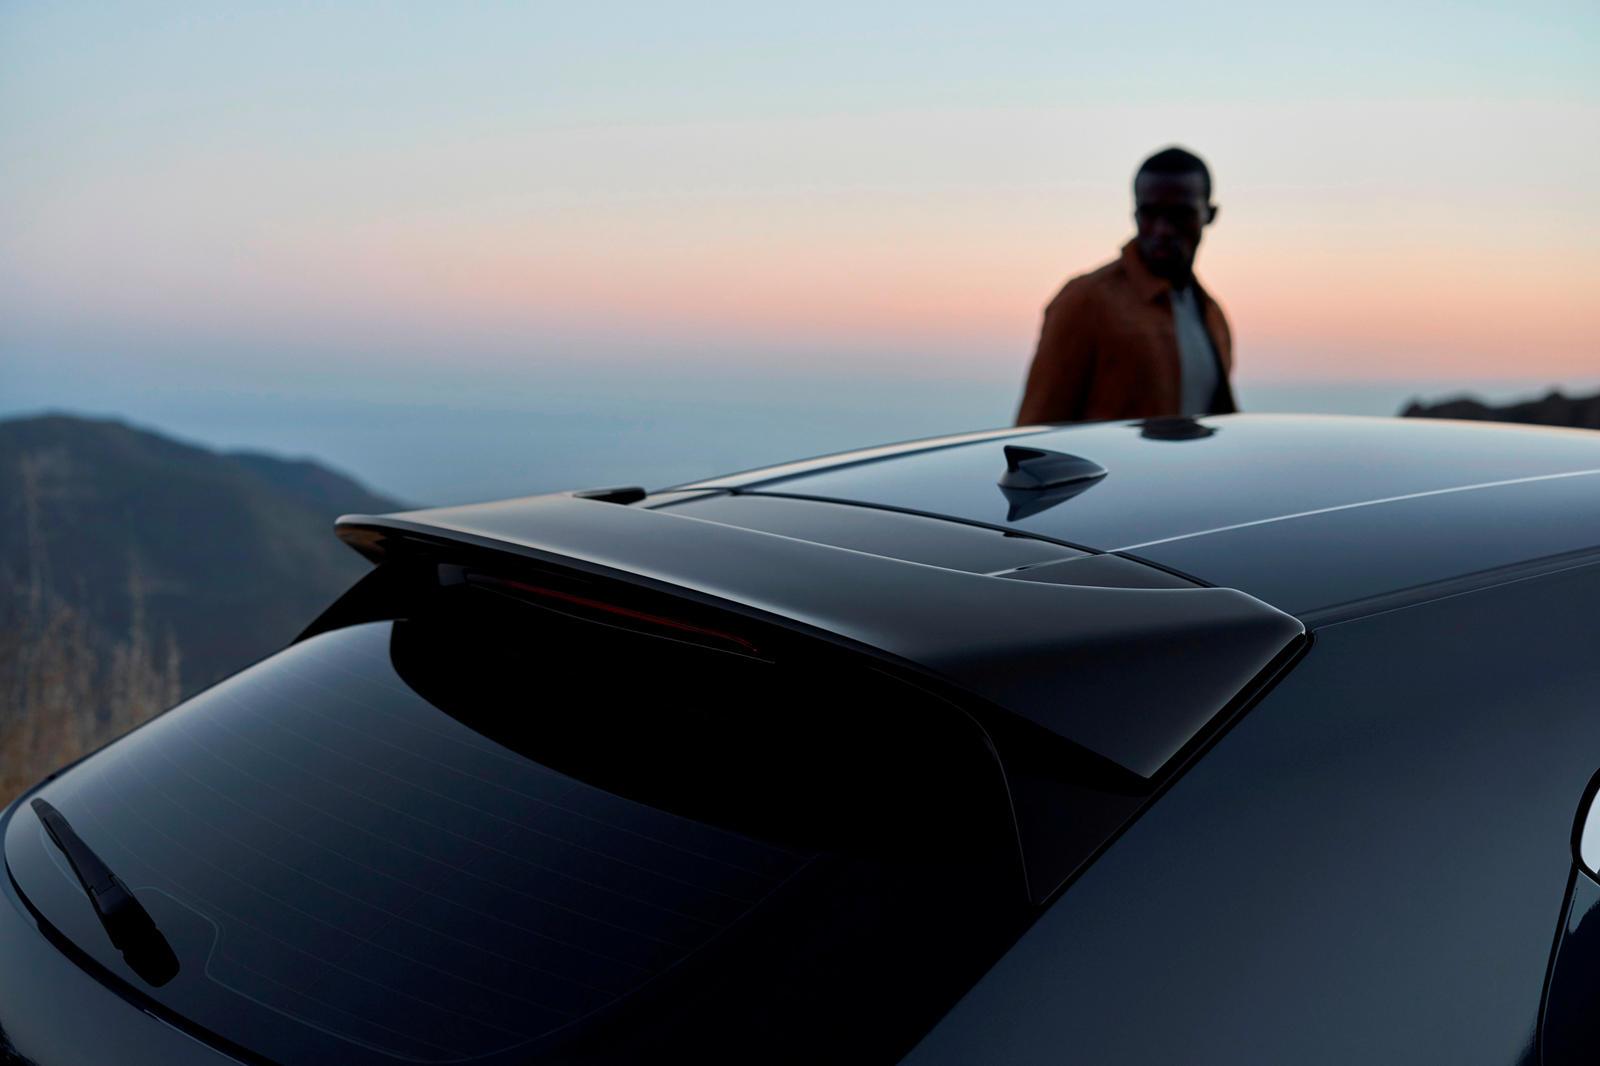 Еще в 90-х Mazda создавала безумные спортивные автомобили, в том числе легендарный RX-7 с роторным двигателем. Но в последние годы бренд резко сократил линейку спортивных автомобилей, и в наши дни MX-5 является его единственным настоящим спортивным п